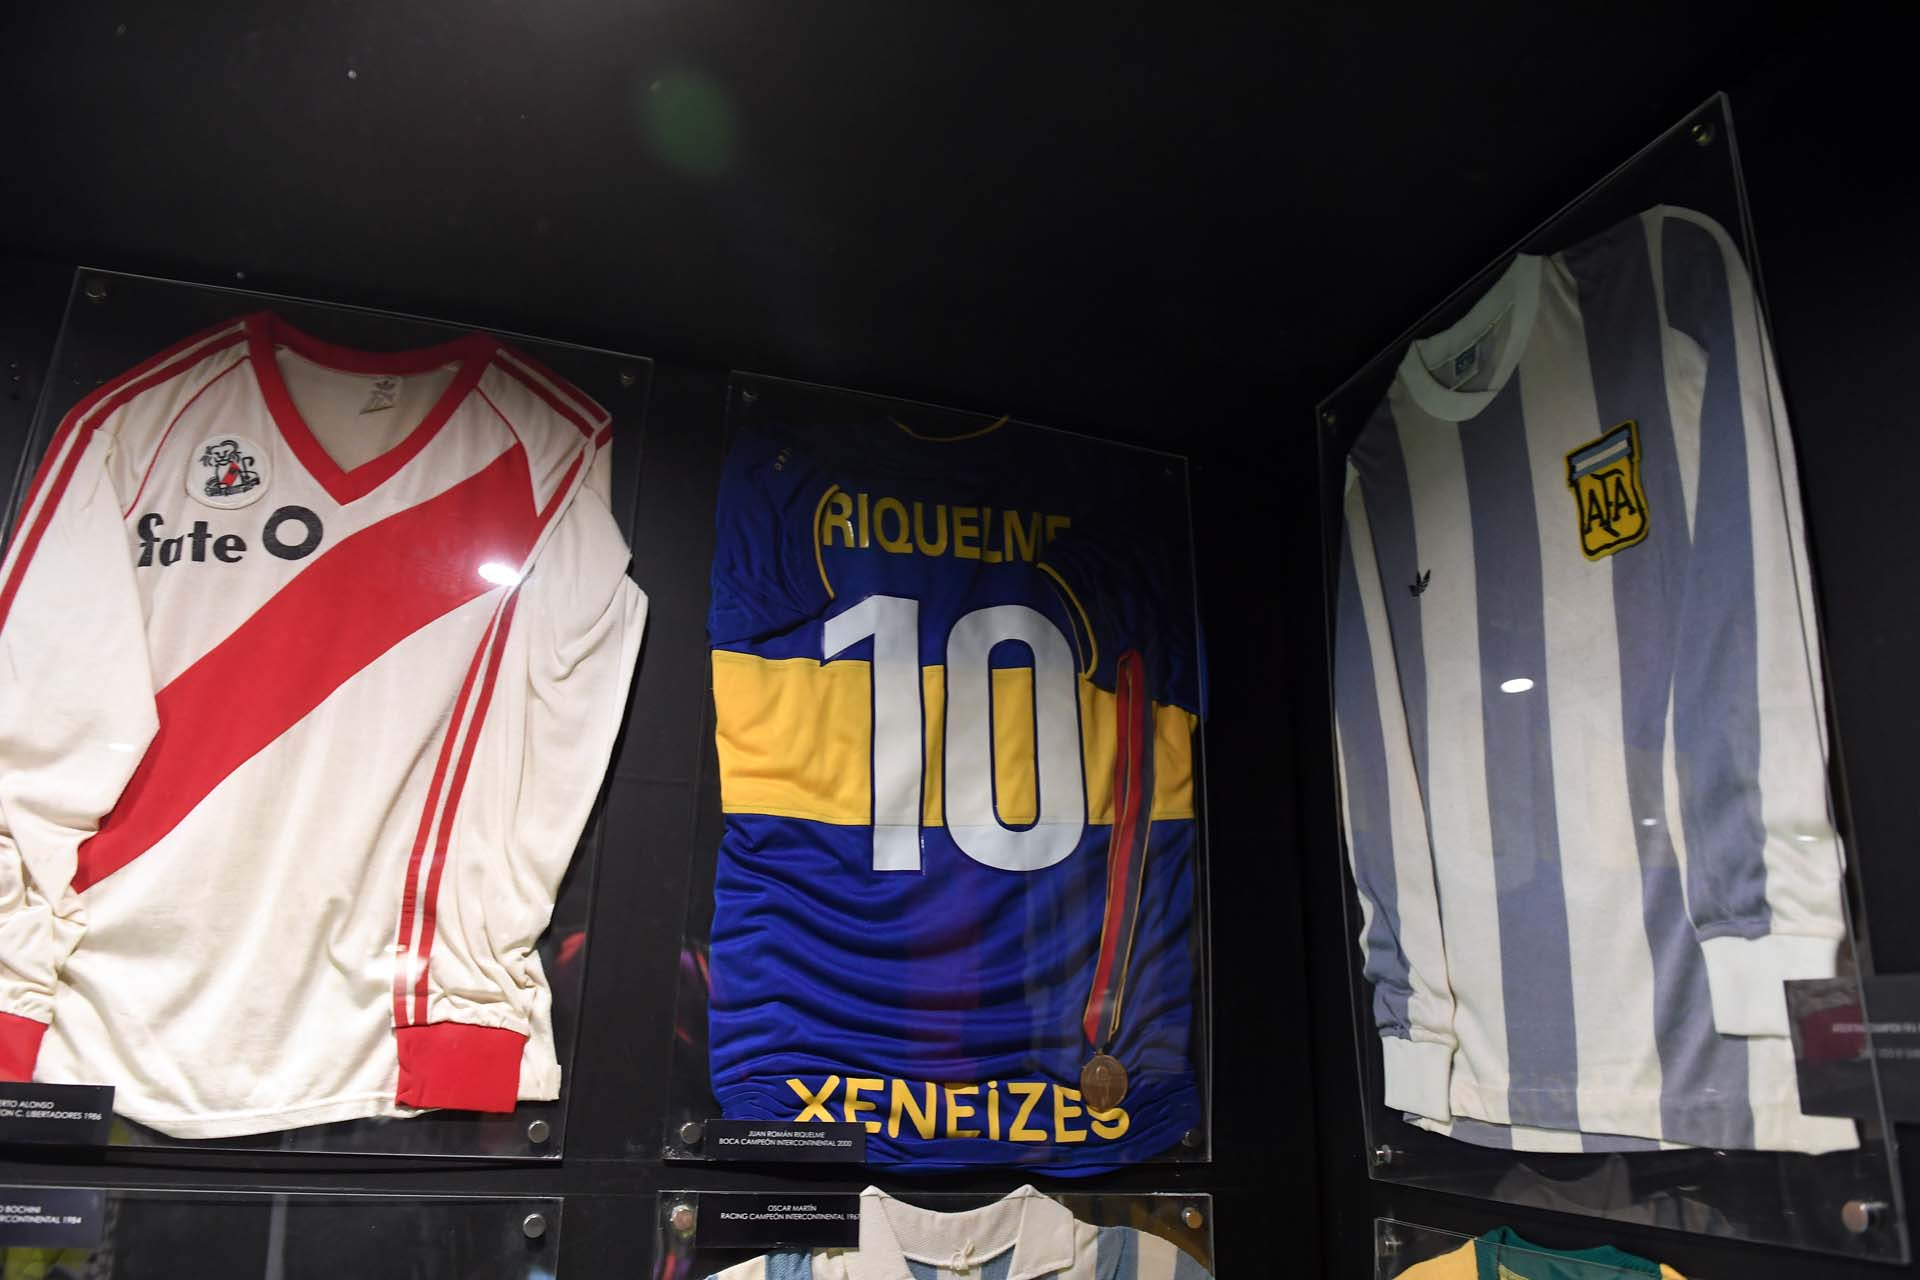 La clásica riverplatense del Leoncito (perteneció al Beto Alonso), la 10 de Riquelme campeón Libertadores 2000 y una de la selección argentina de fines de los 70 (Maximiliano Luna)